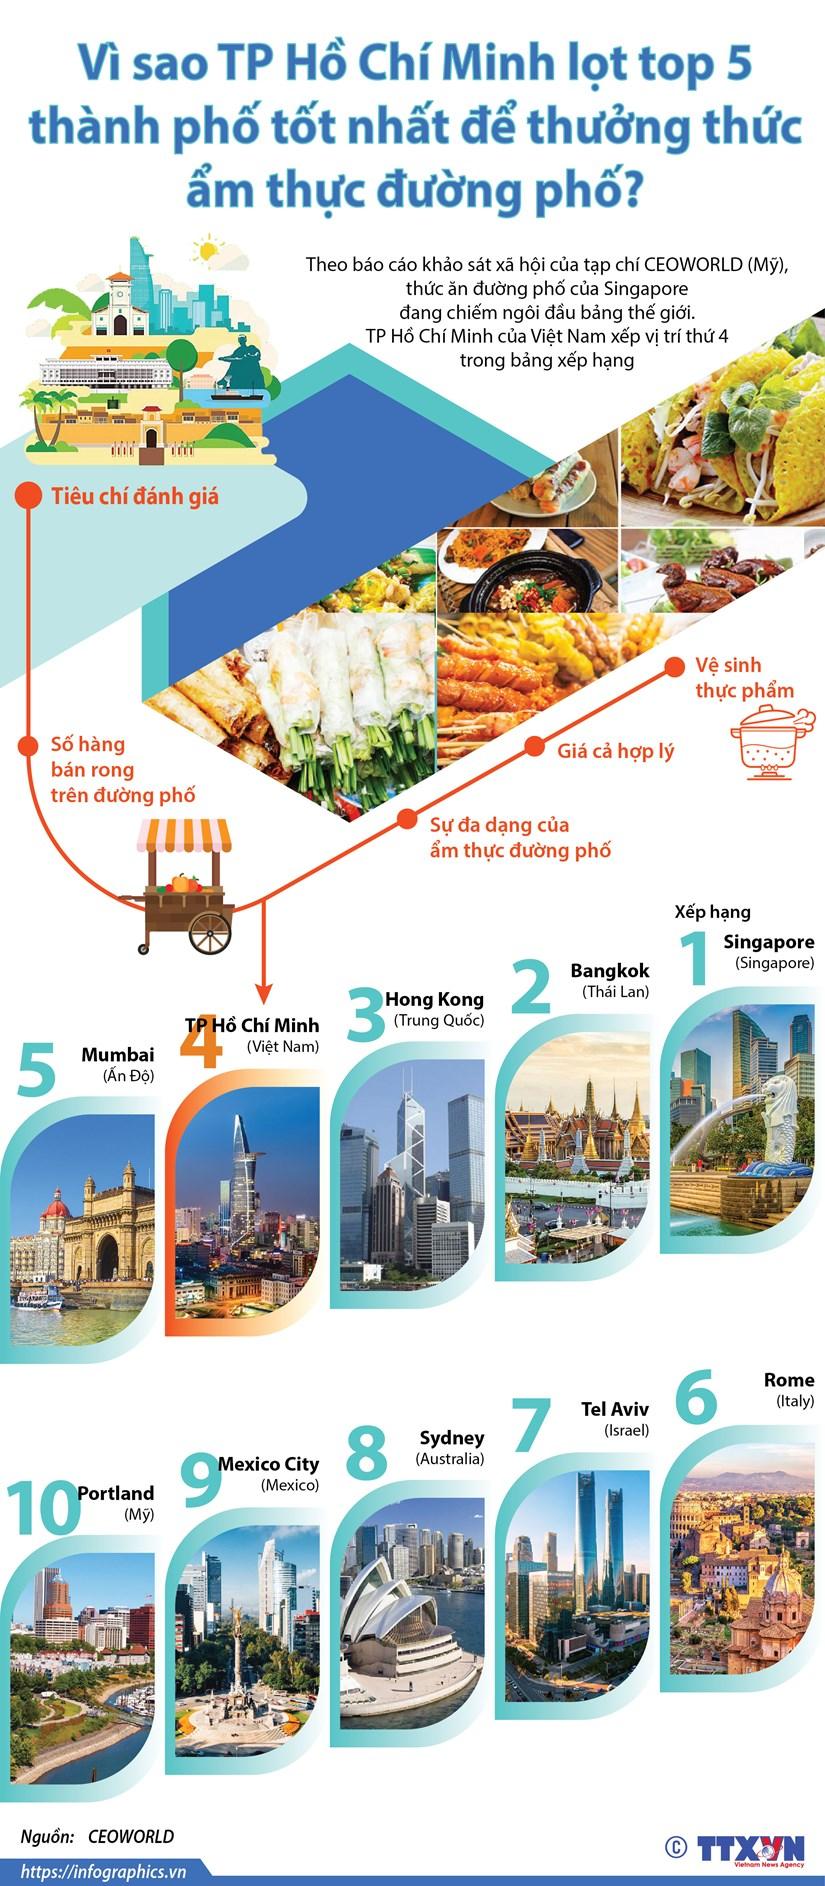 Vì sao TP.HCM lọt top 5 thành phố thưởng thức ẩm thực đường phố?